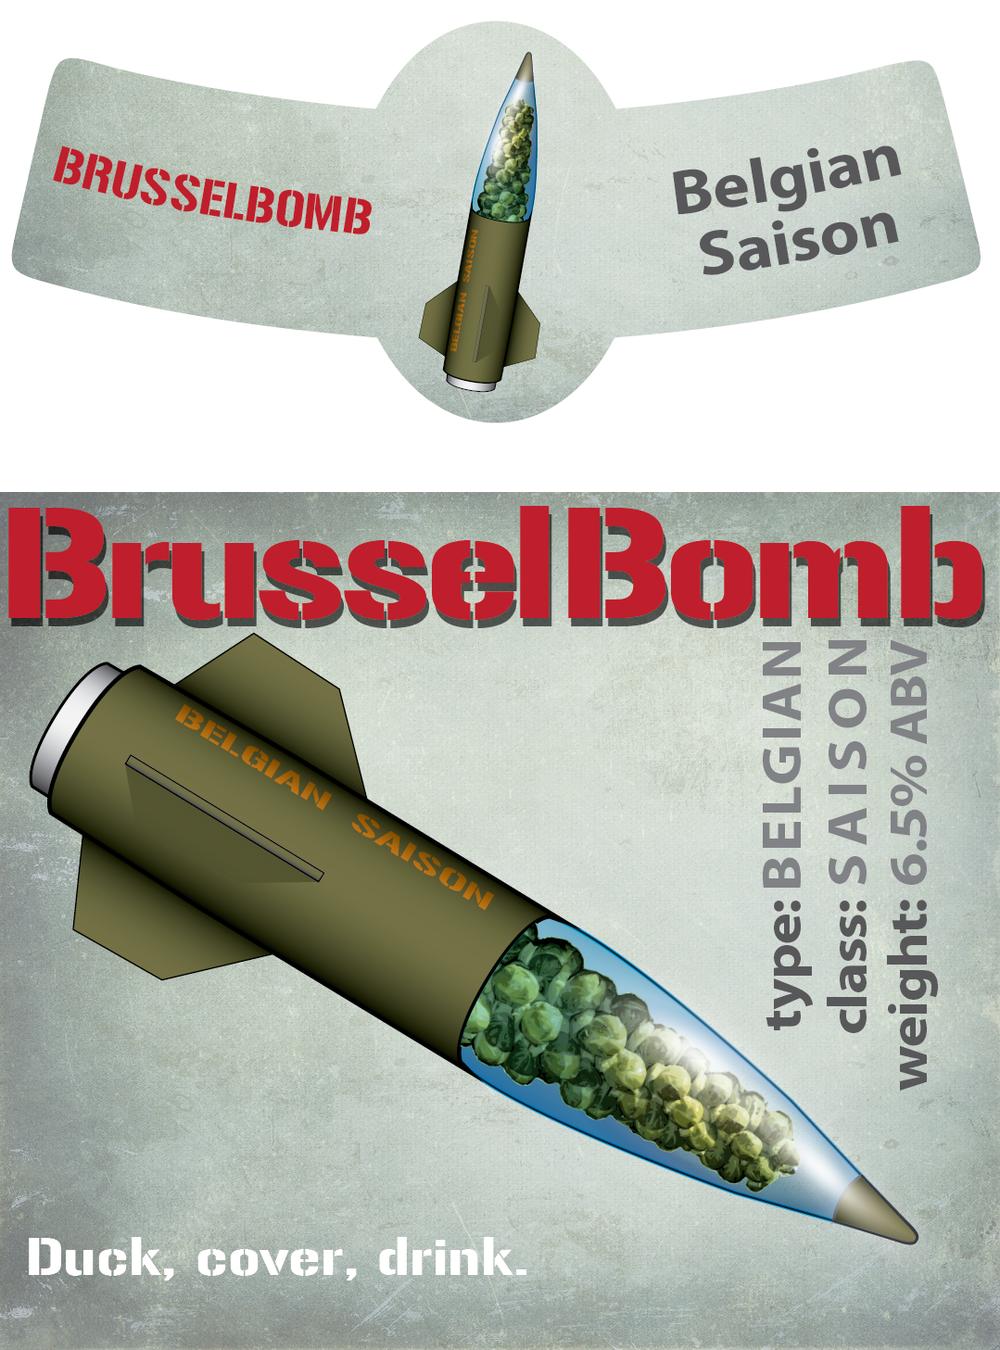 BrusselBomb Beer Label